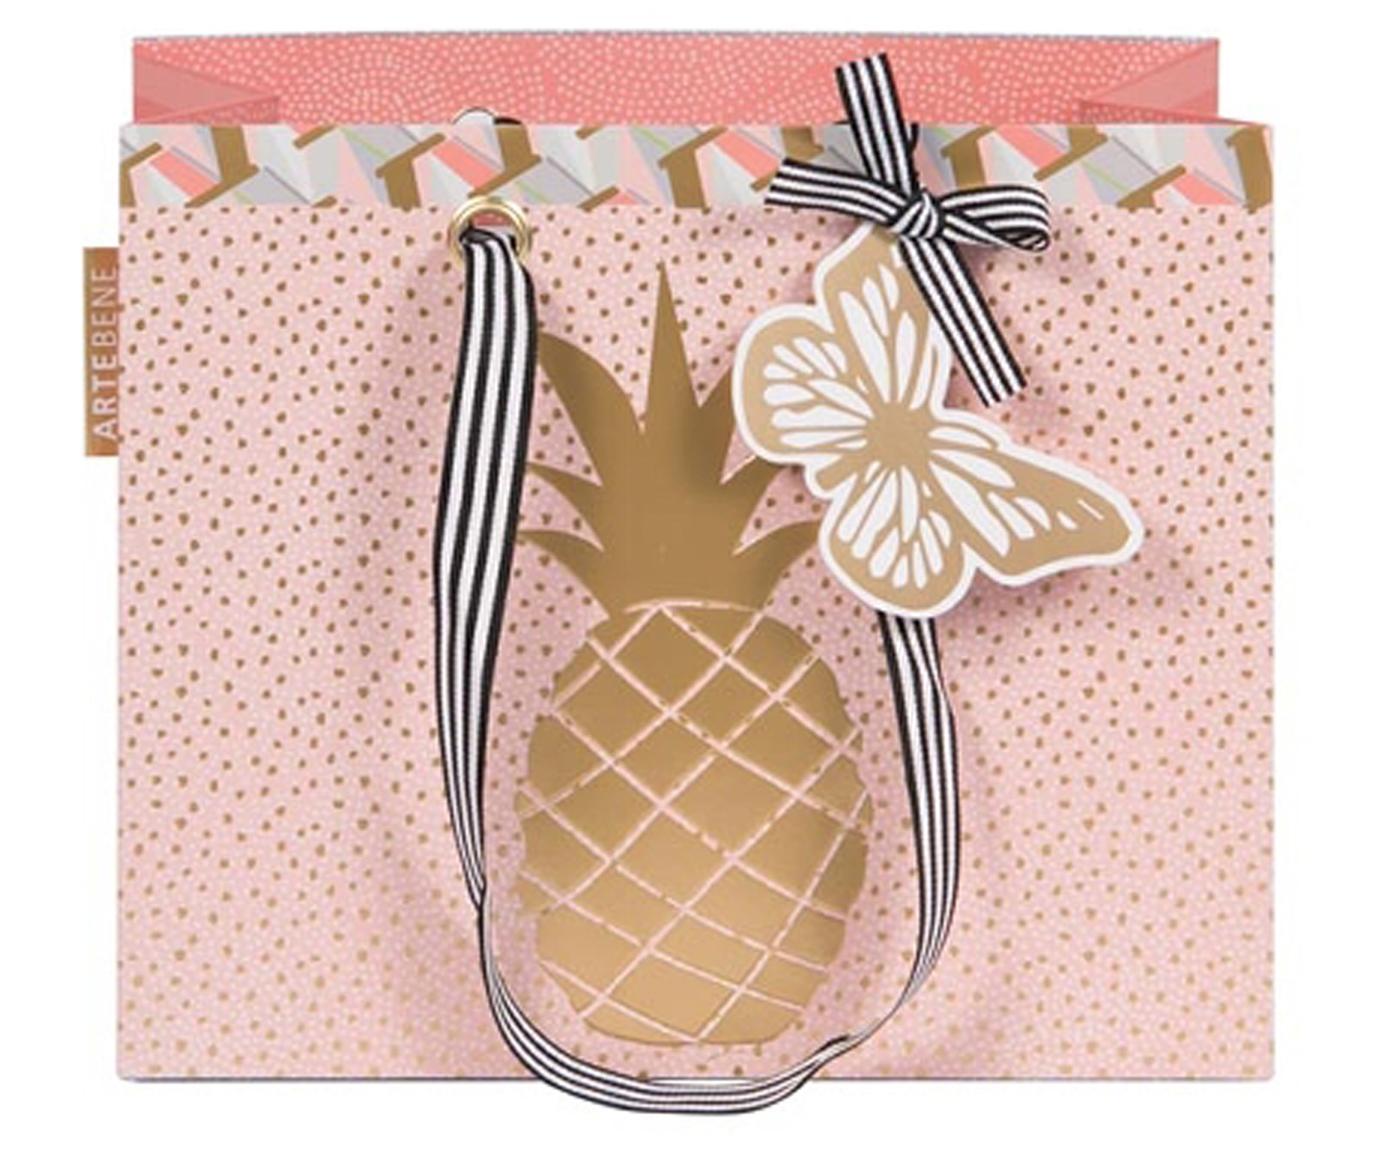 Geschenktas Pineapple, Handvatten: textiel, Roze, goudkleurig, 22 x 18 cm